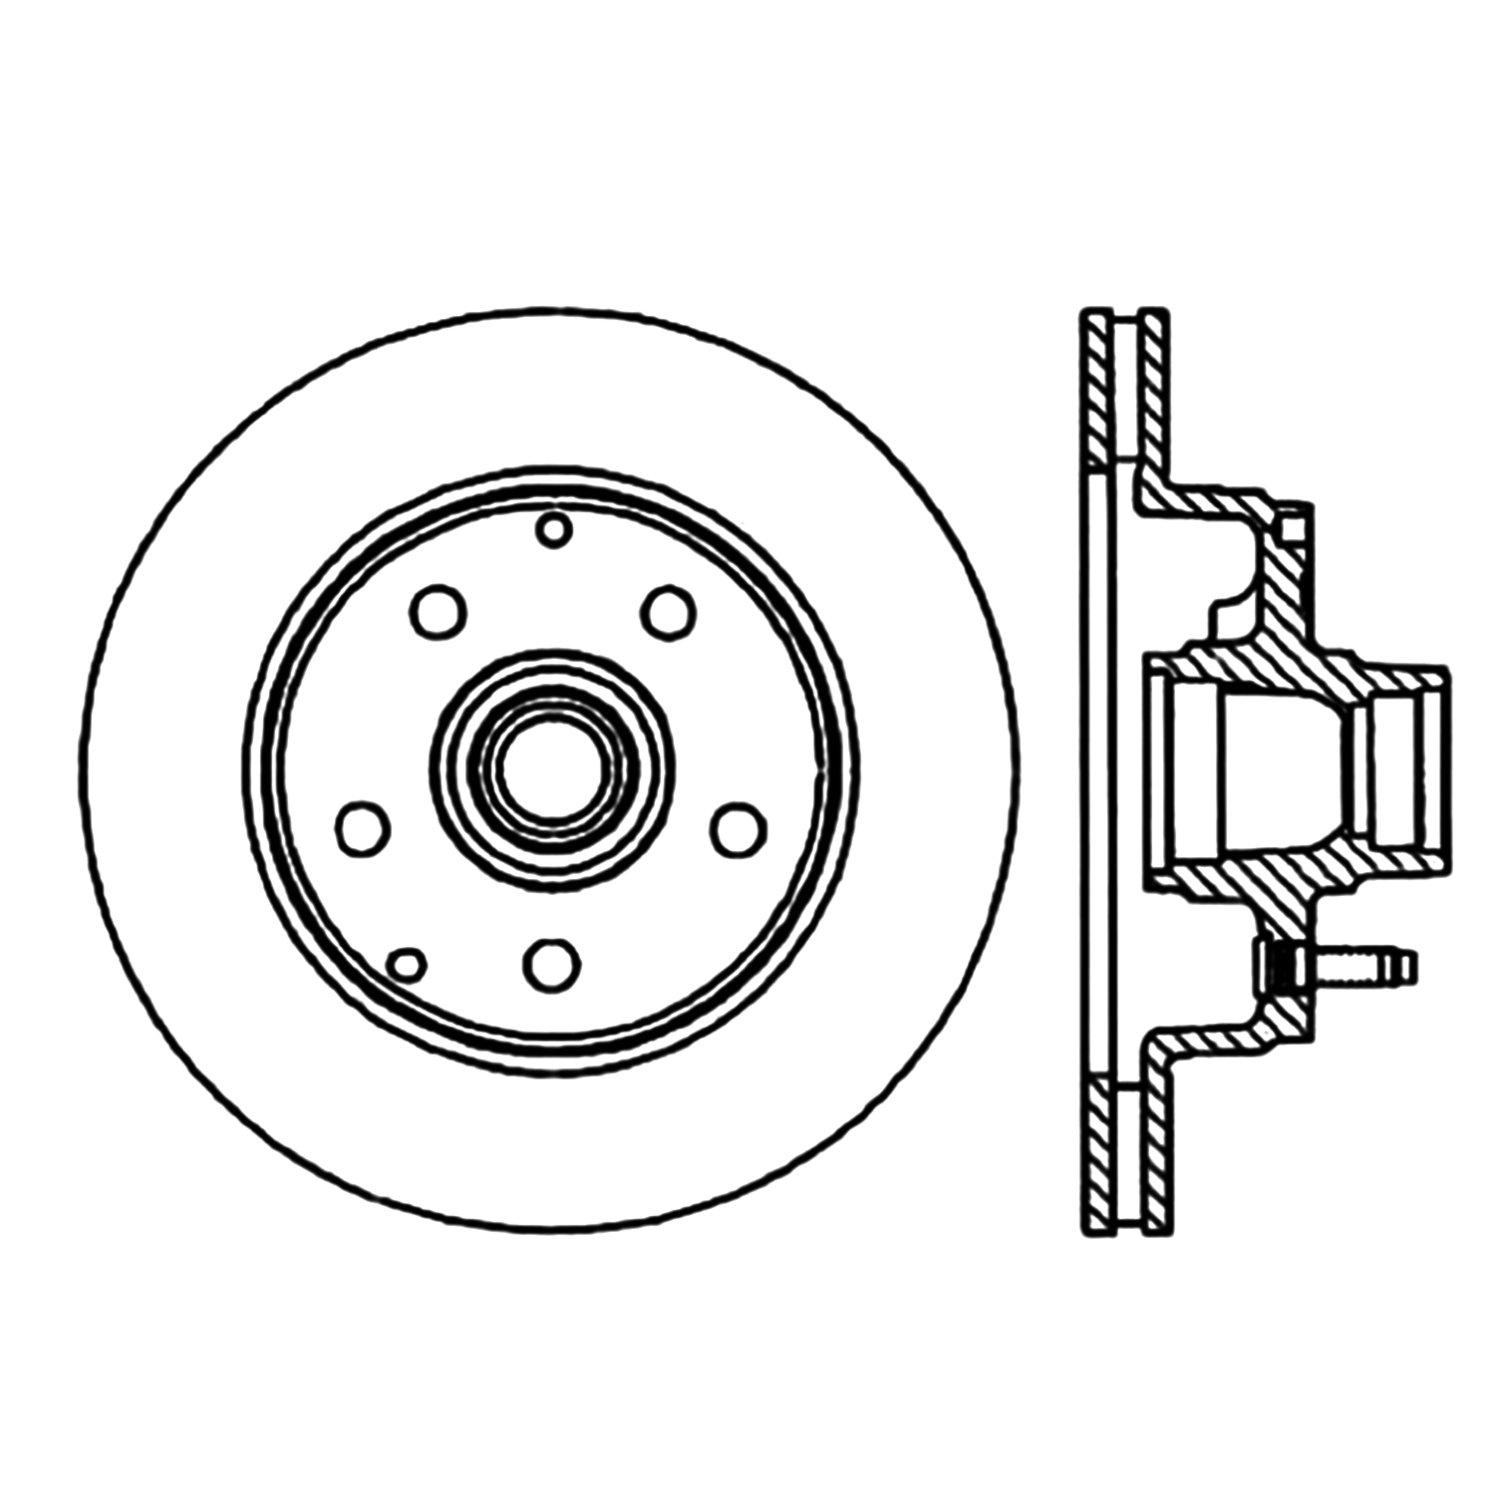 2002 chevrolet astro disc brake rotor autopartskart Chevy Rear Drum Brake Diagram 2002 chevrolet astro disc brake rotor ce 120 66016